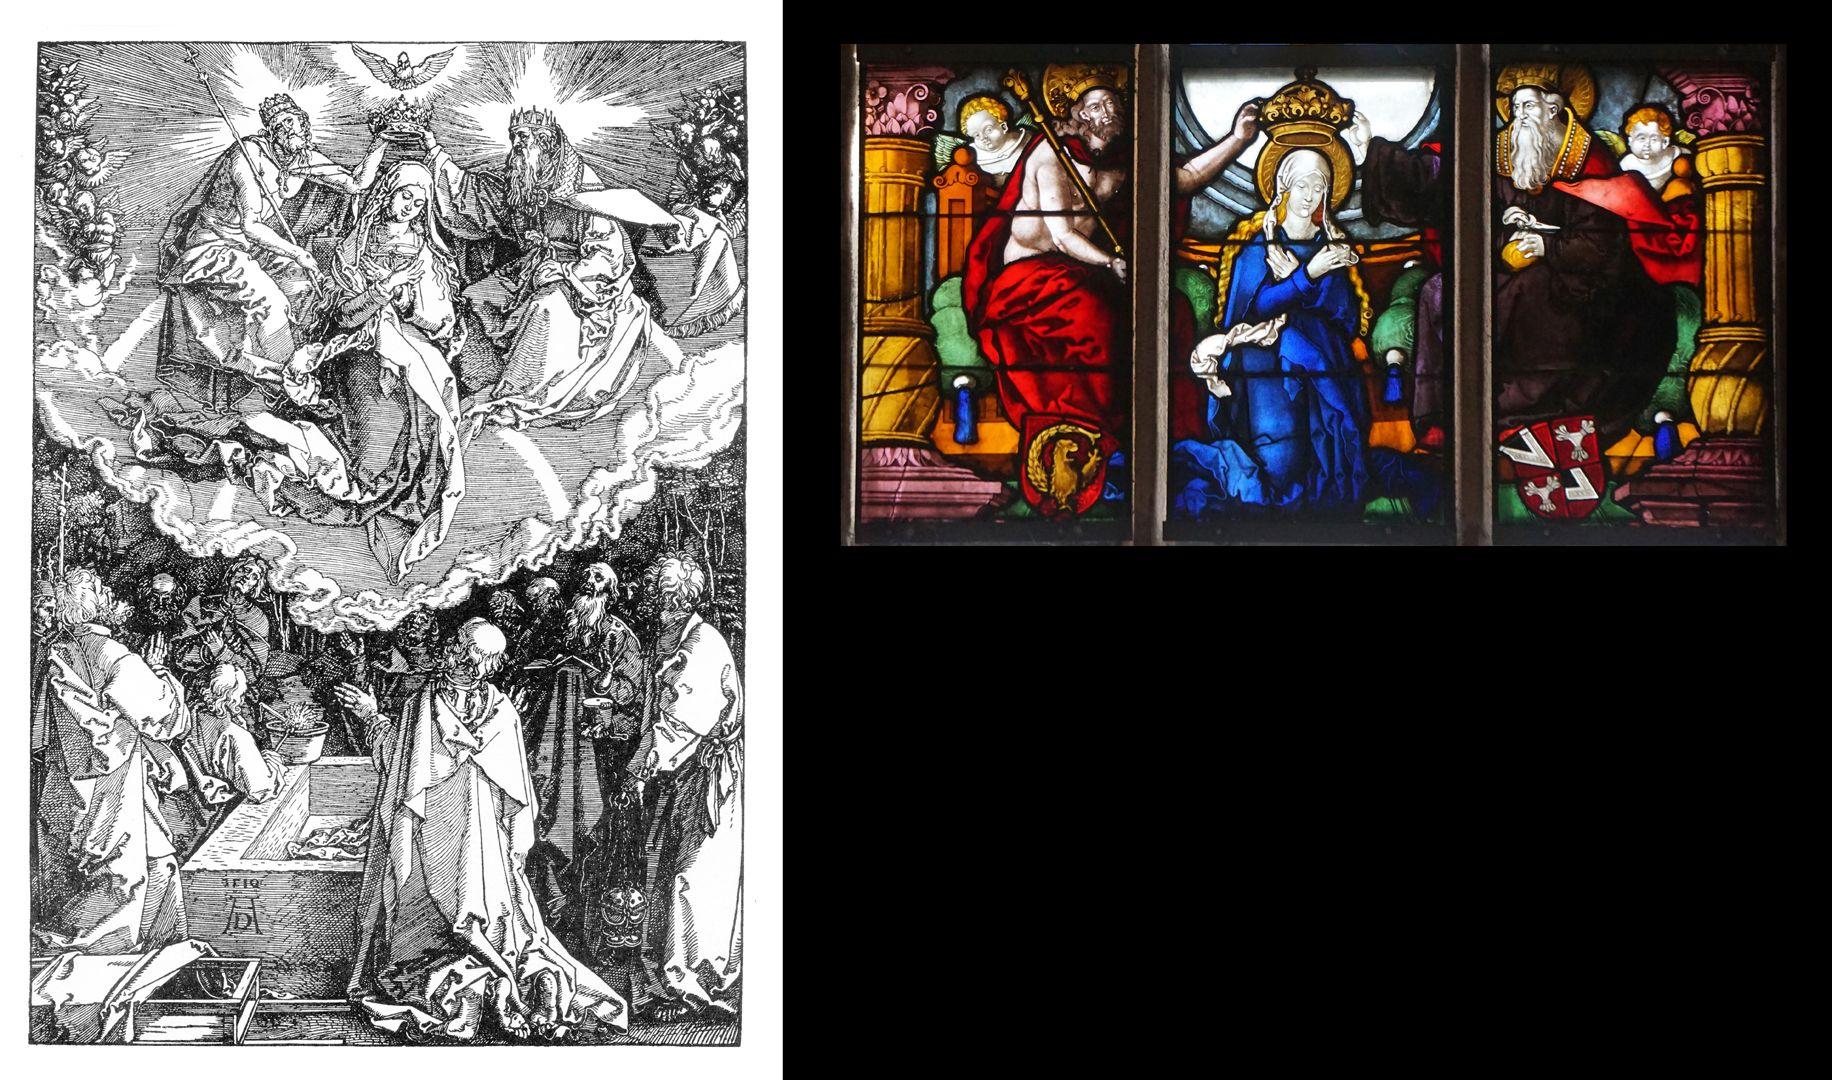 Himmelfahrt und Krönung Mariä Gegenüberstellung Dürer und Fenster in Rochus